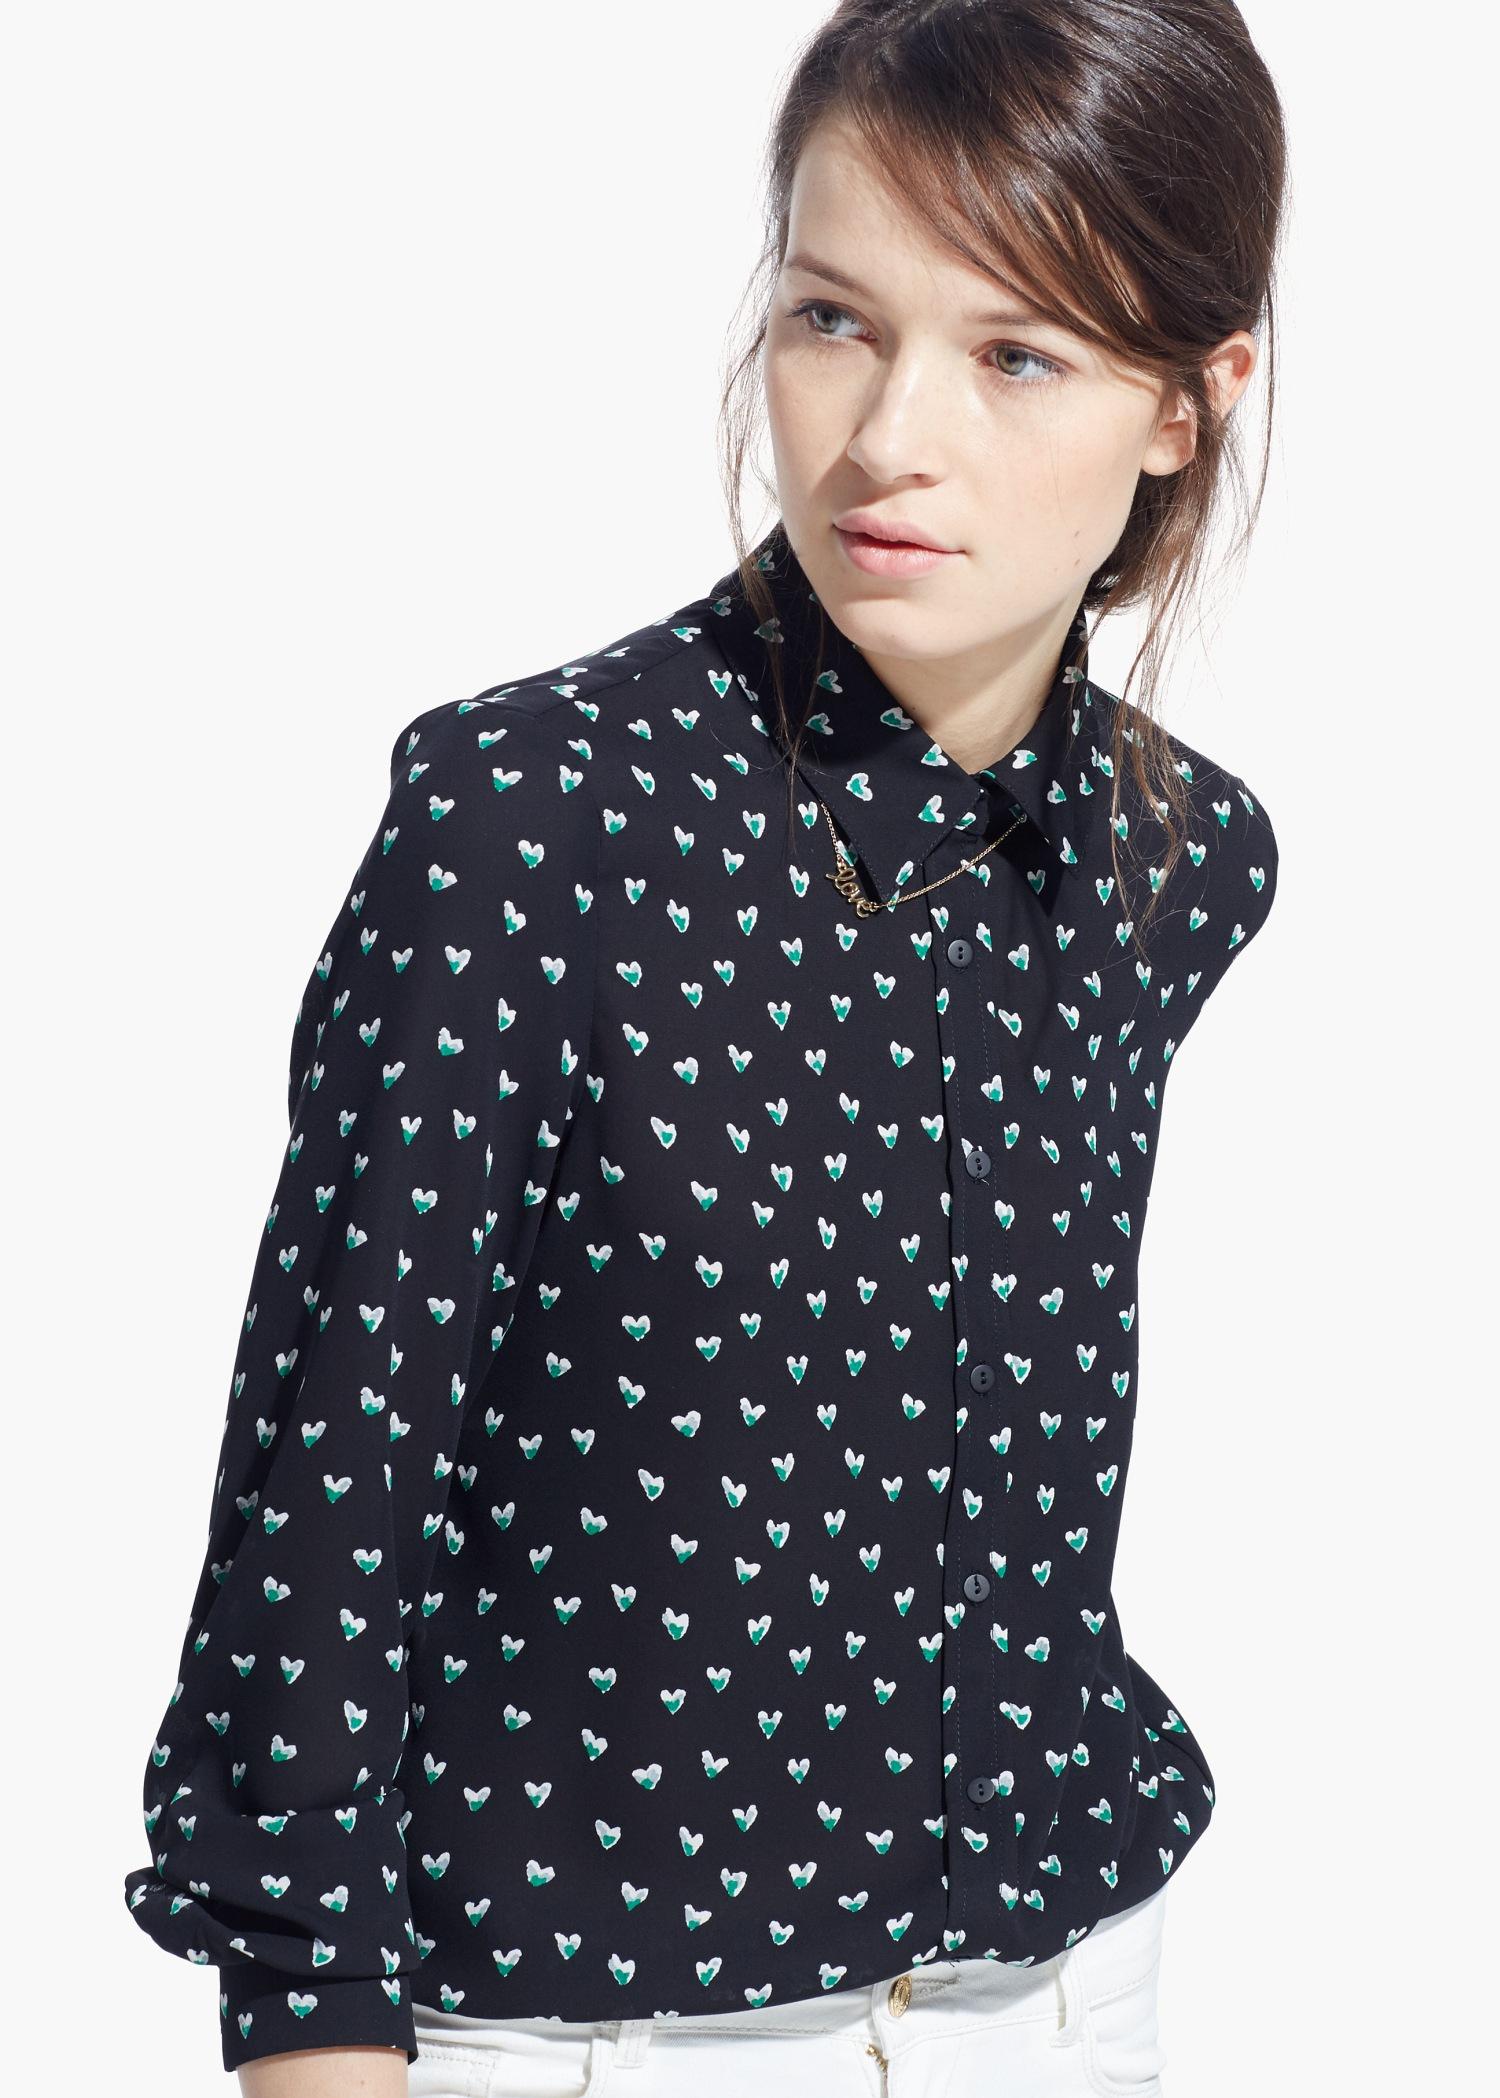 Lyst Shirt Black Heart In Print Mango TqtrRwST